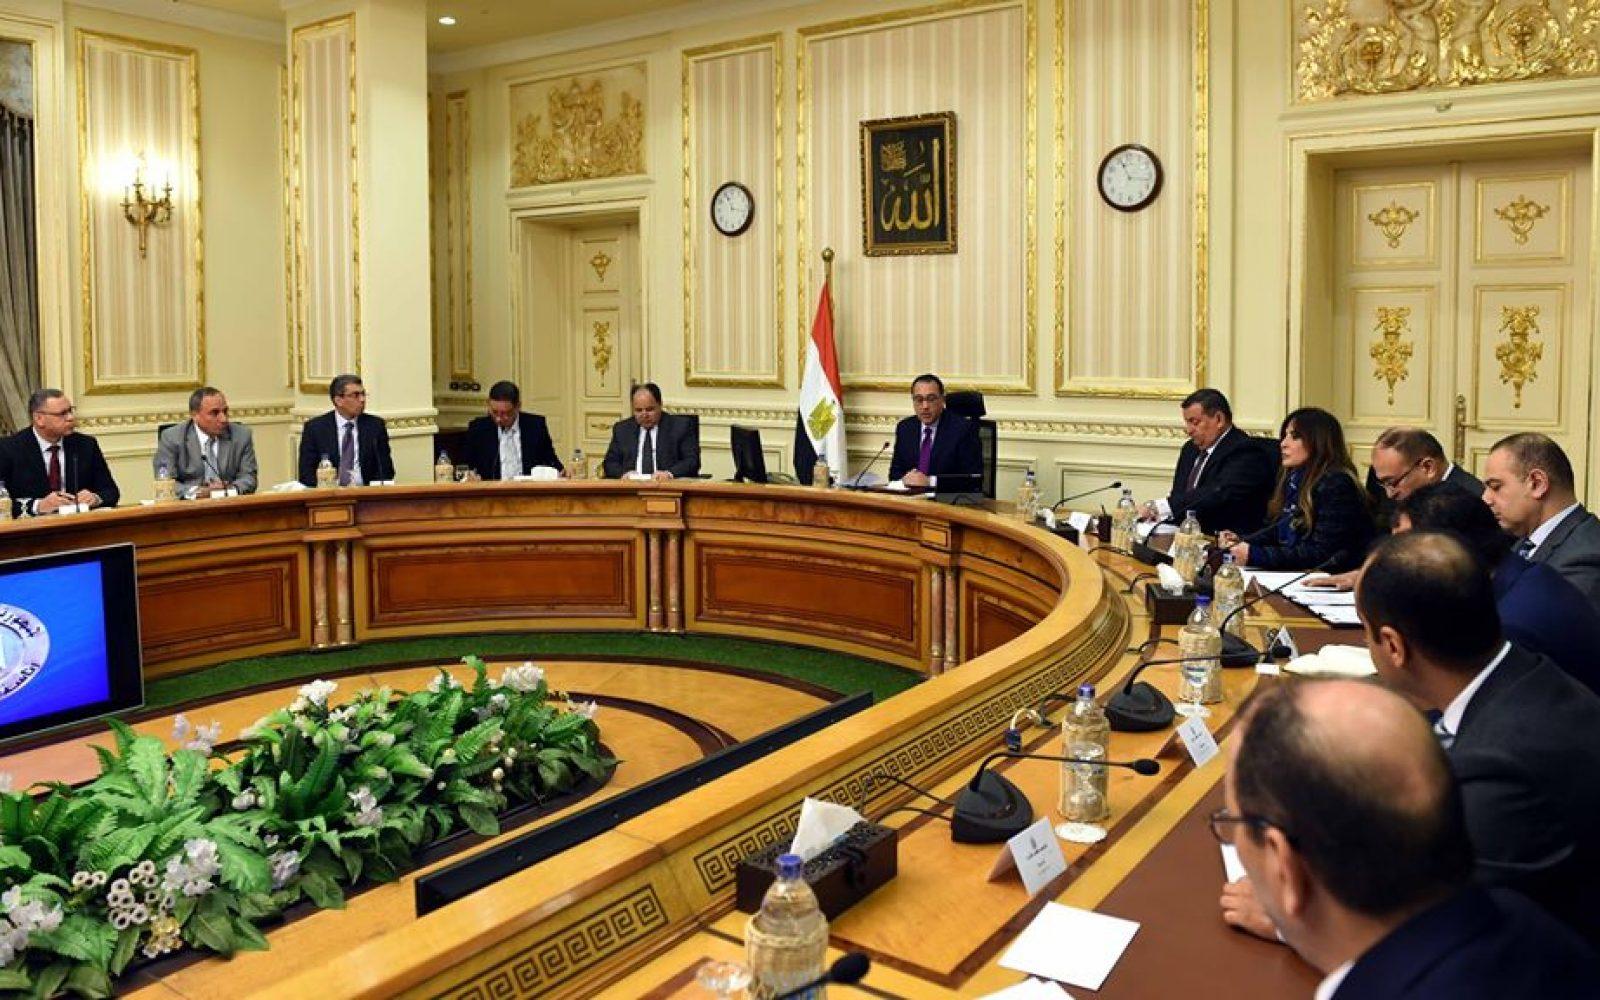 الحكومة المصرية تكشف عن الحالة التي ستتدخل فيها القوات المسلحة في أزمة كورونا